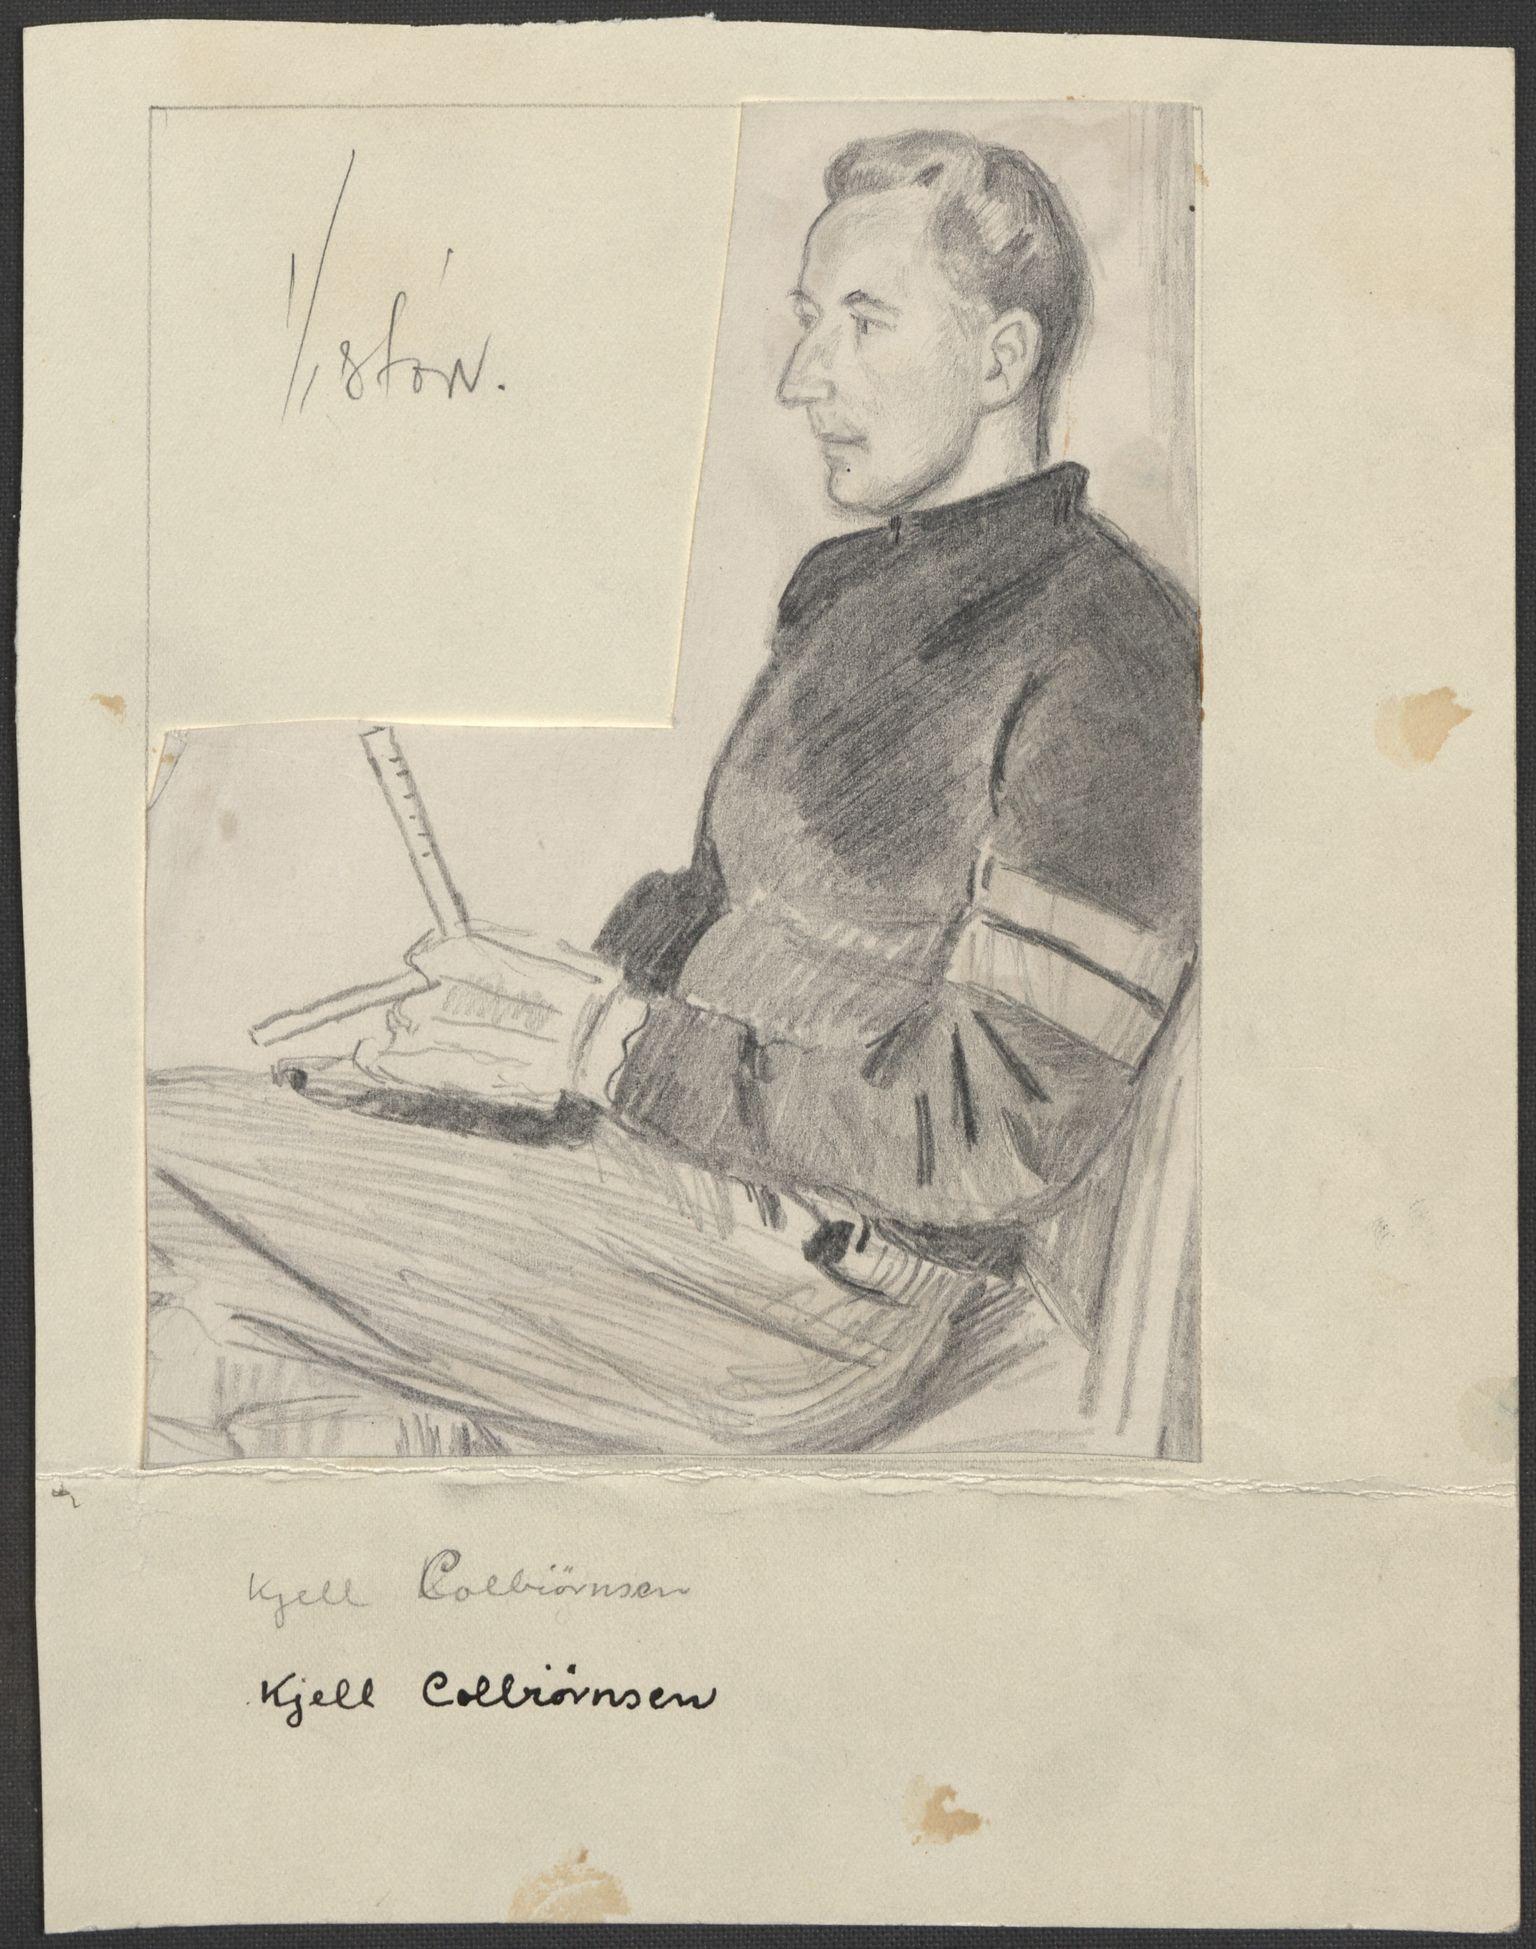 RA, Grøgaard, Joachim, F/L0002: Tegninger og tekster, 1942-1945, p. 31